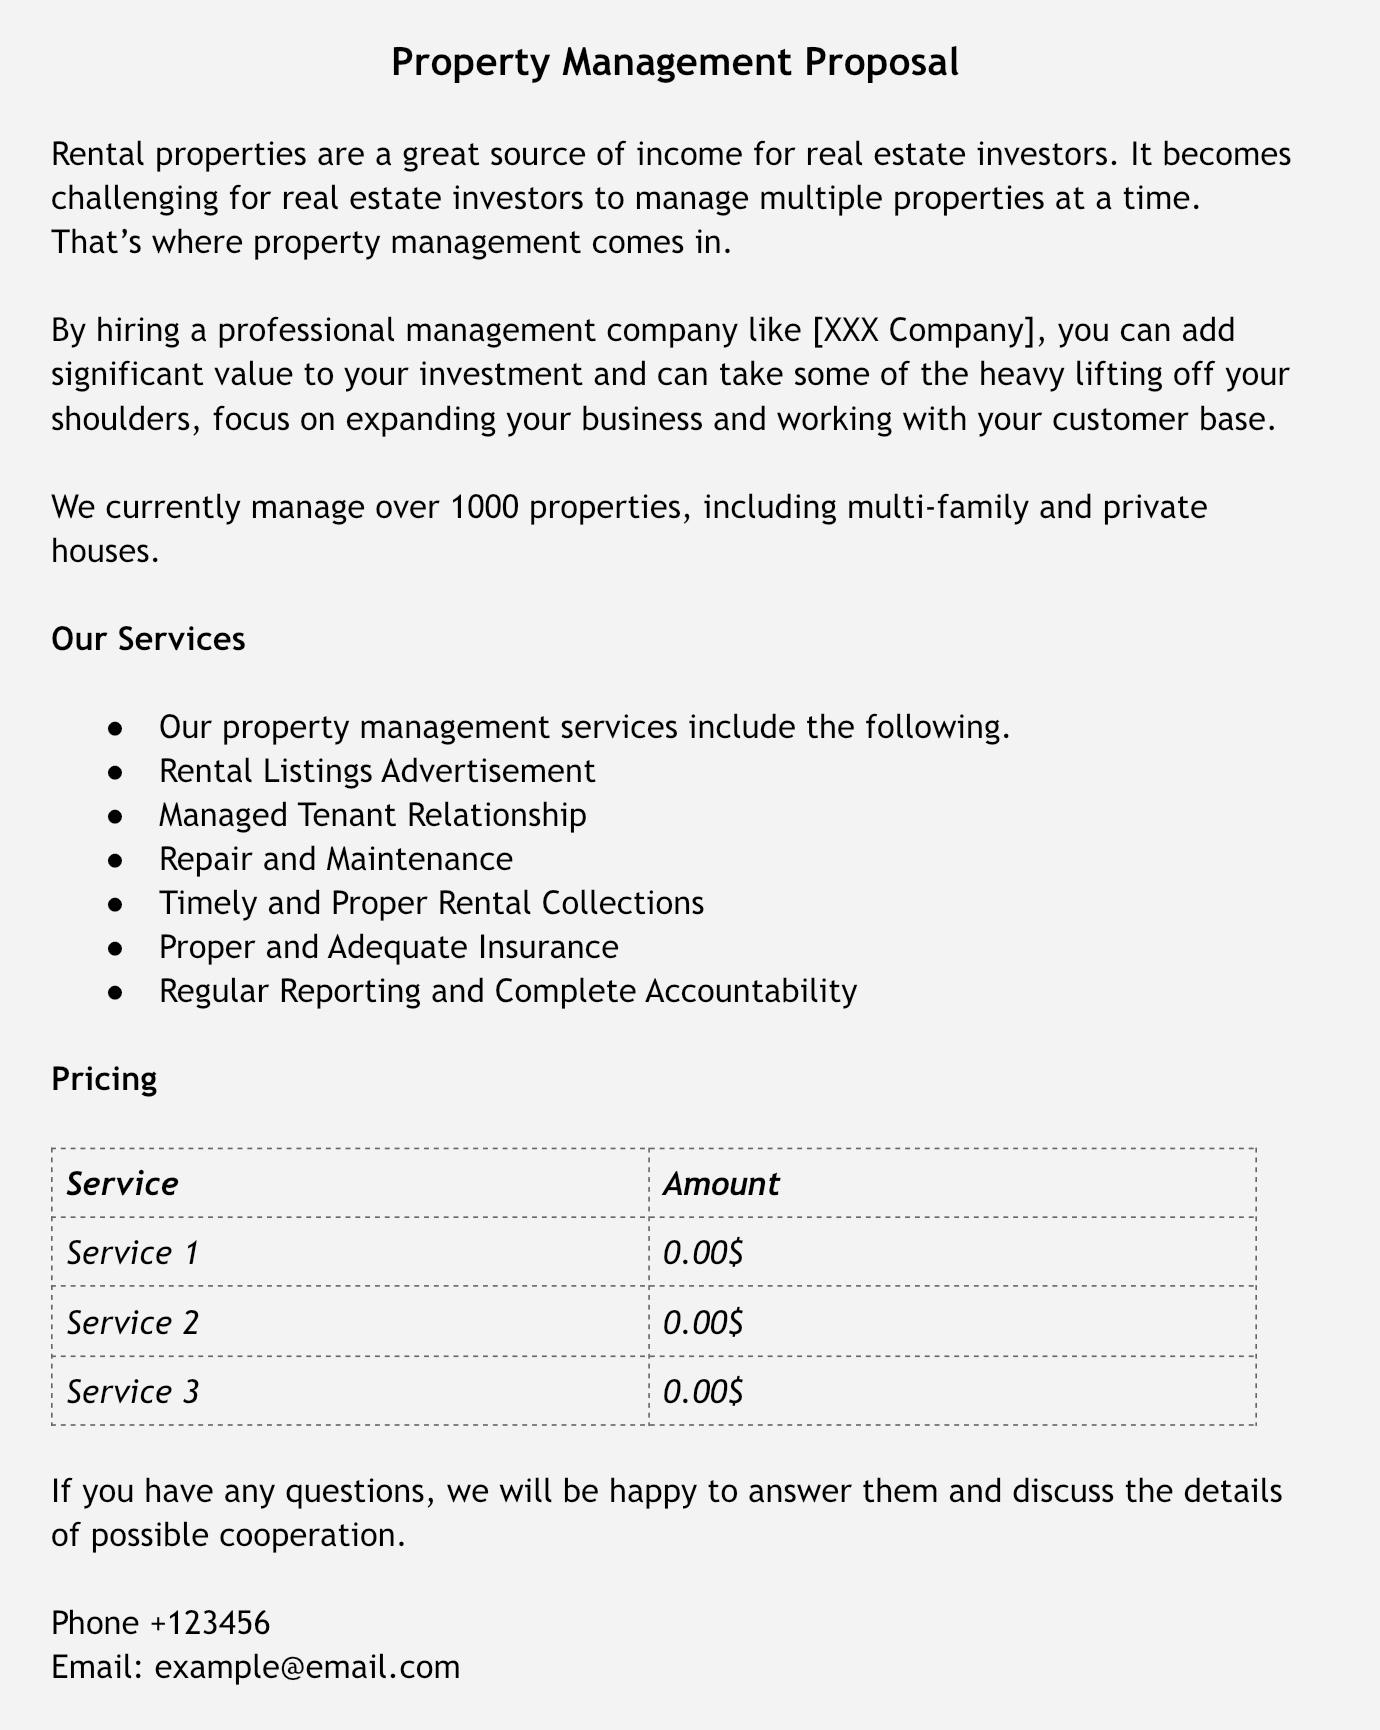 Образец коммерческого предложения для компании недвижимости на английском языке